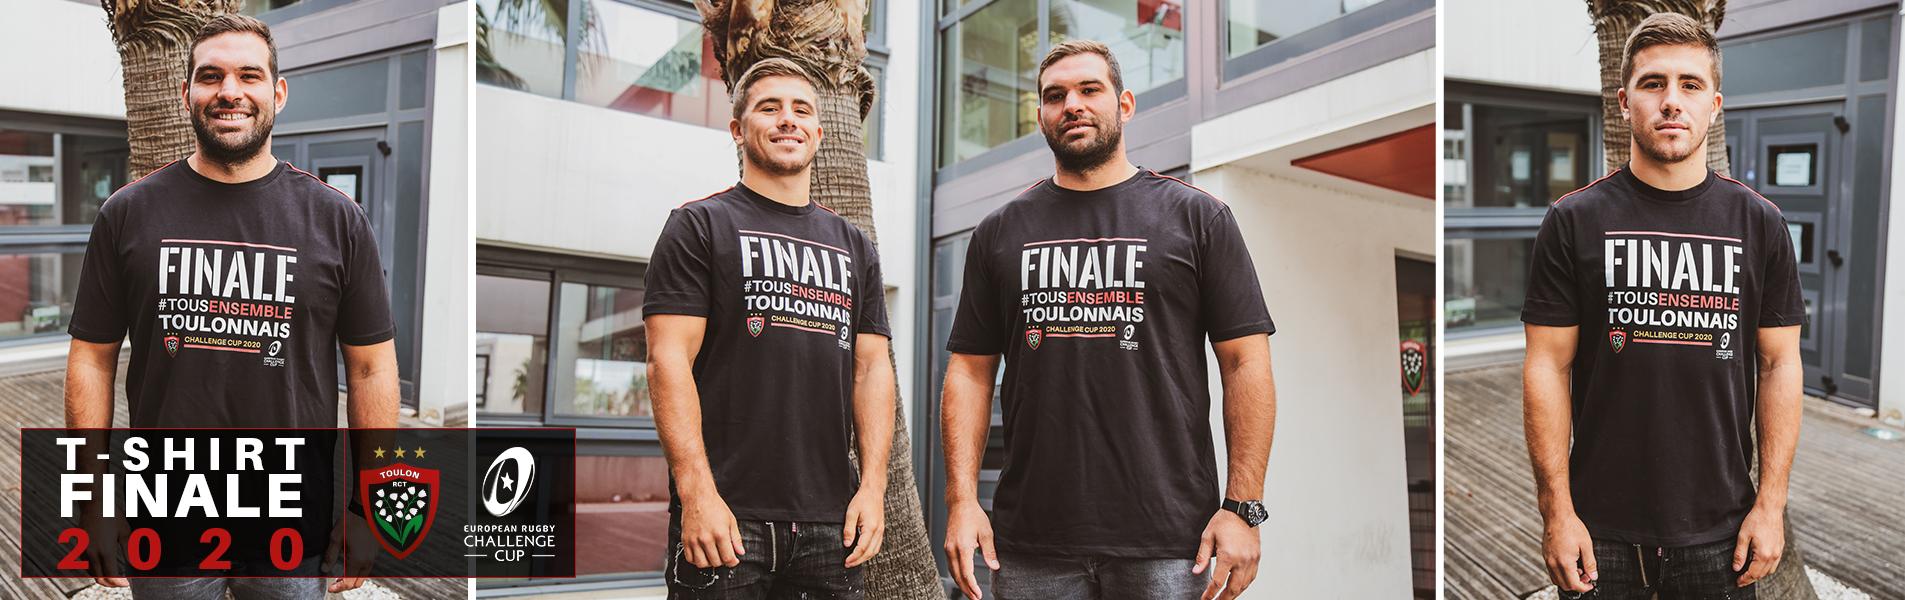 t_shirt_finale_1905x600